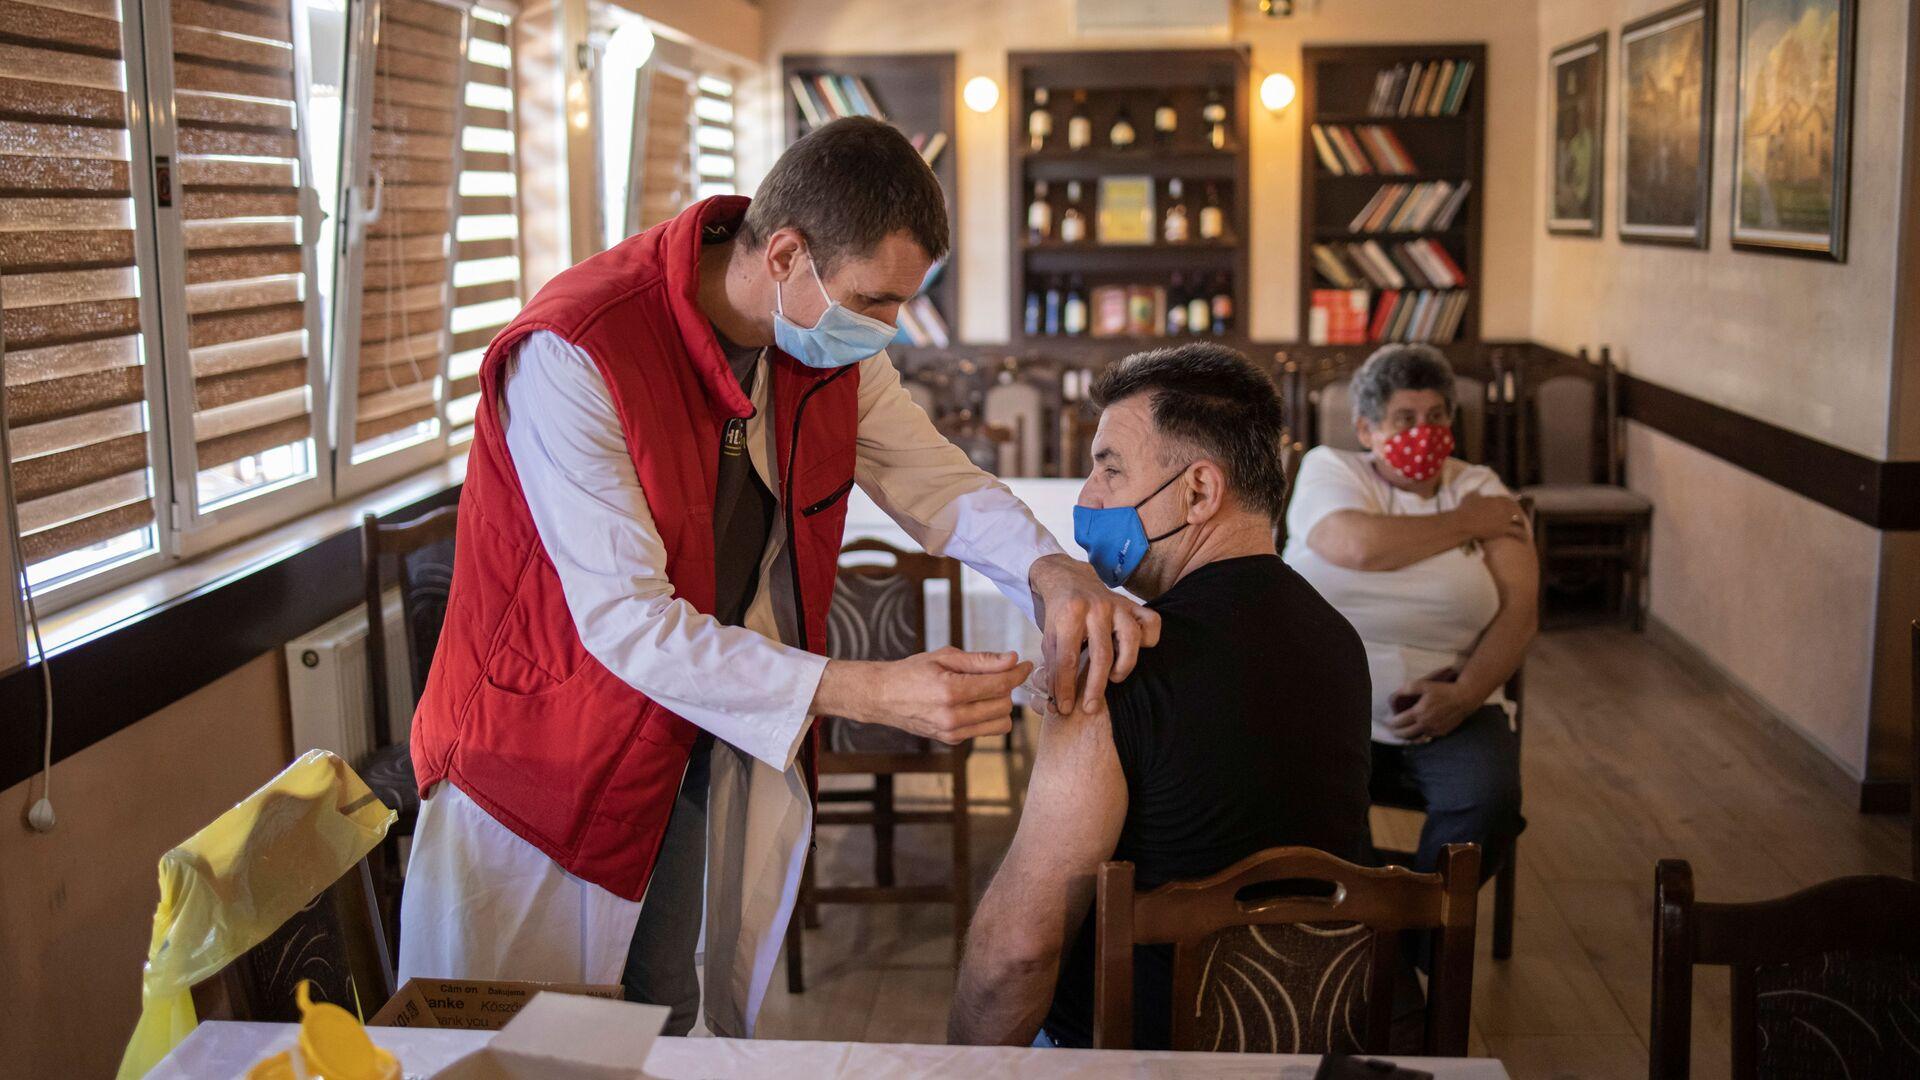 Мужчина получает дозу китайской вакцины Sinopharm против коронавирусной болезни (COVID-19) в ресторане в Крагуеваце, Сербия - Sputnik Латвия, 1920, 14.06.2021